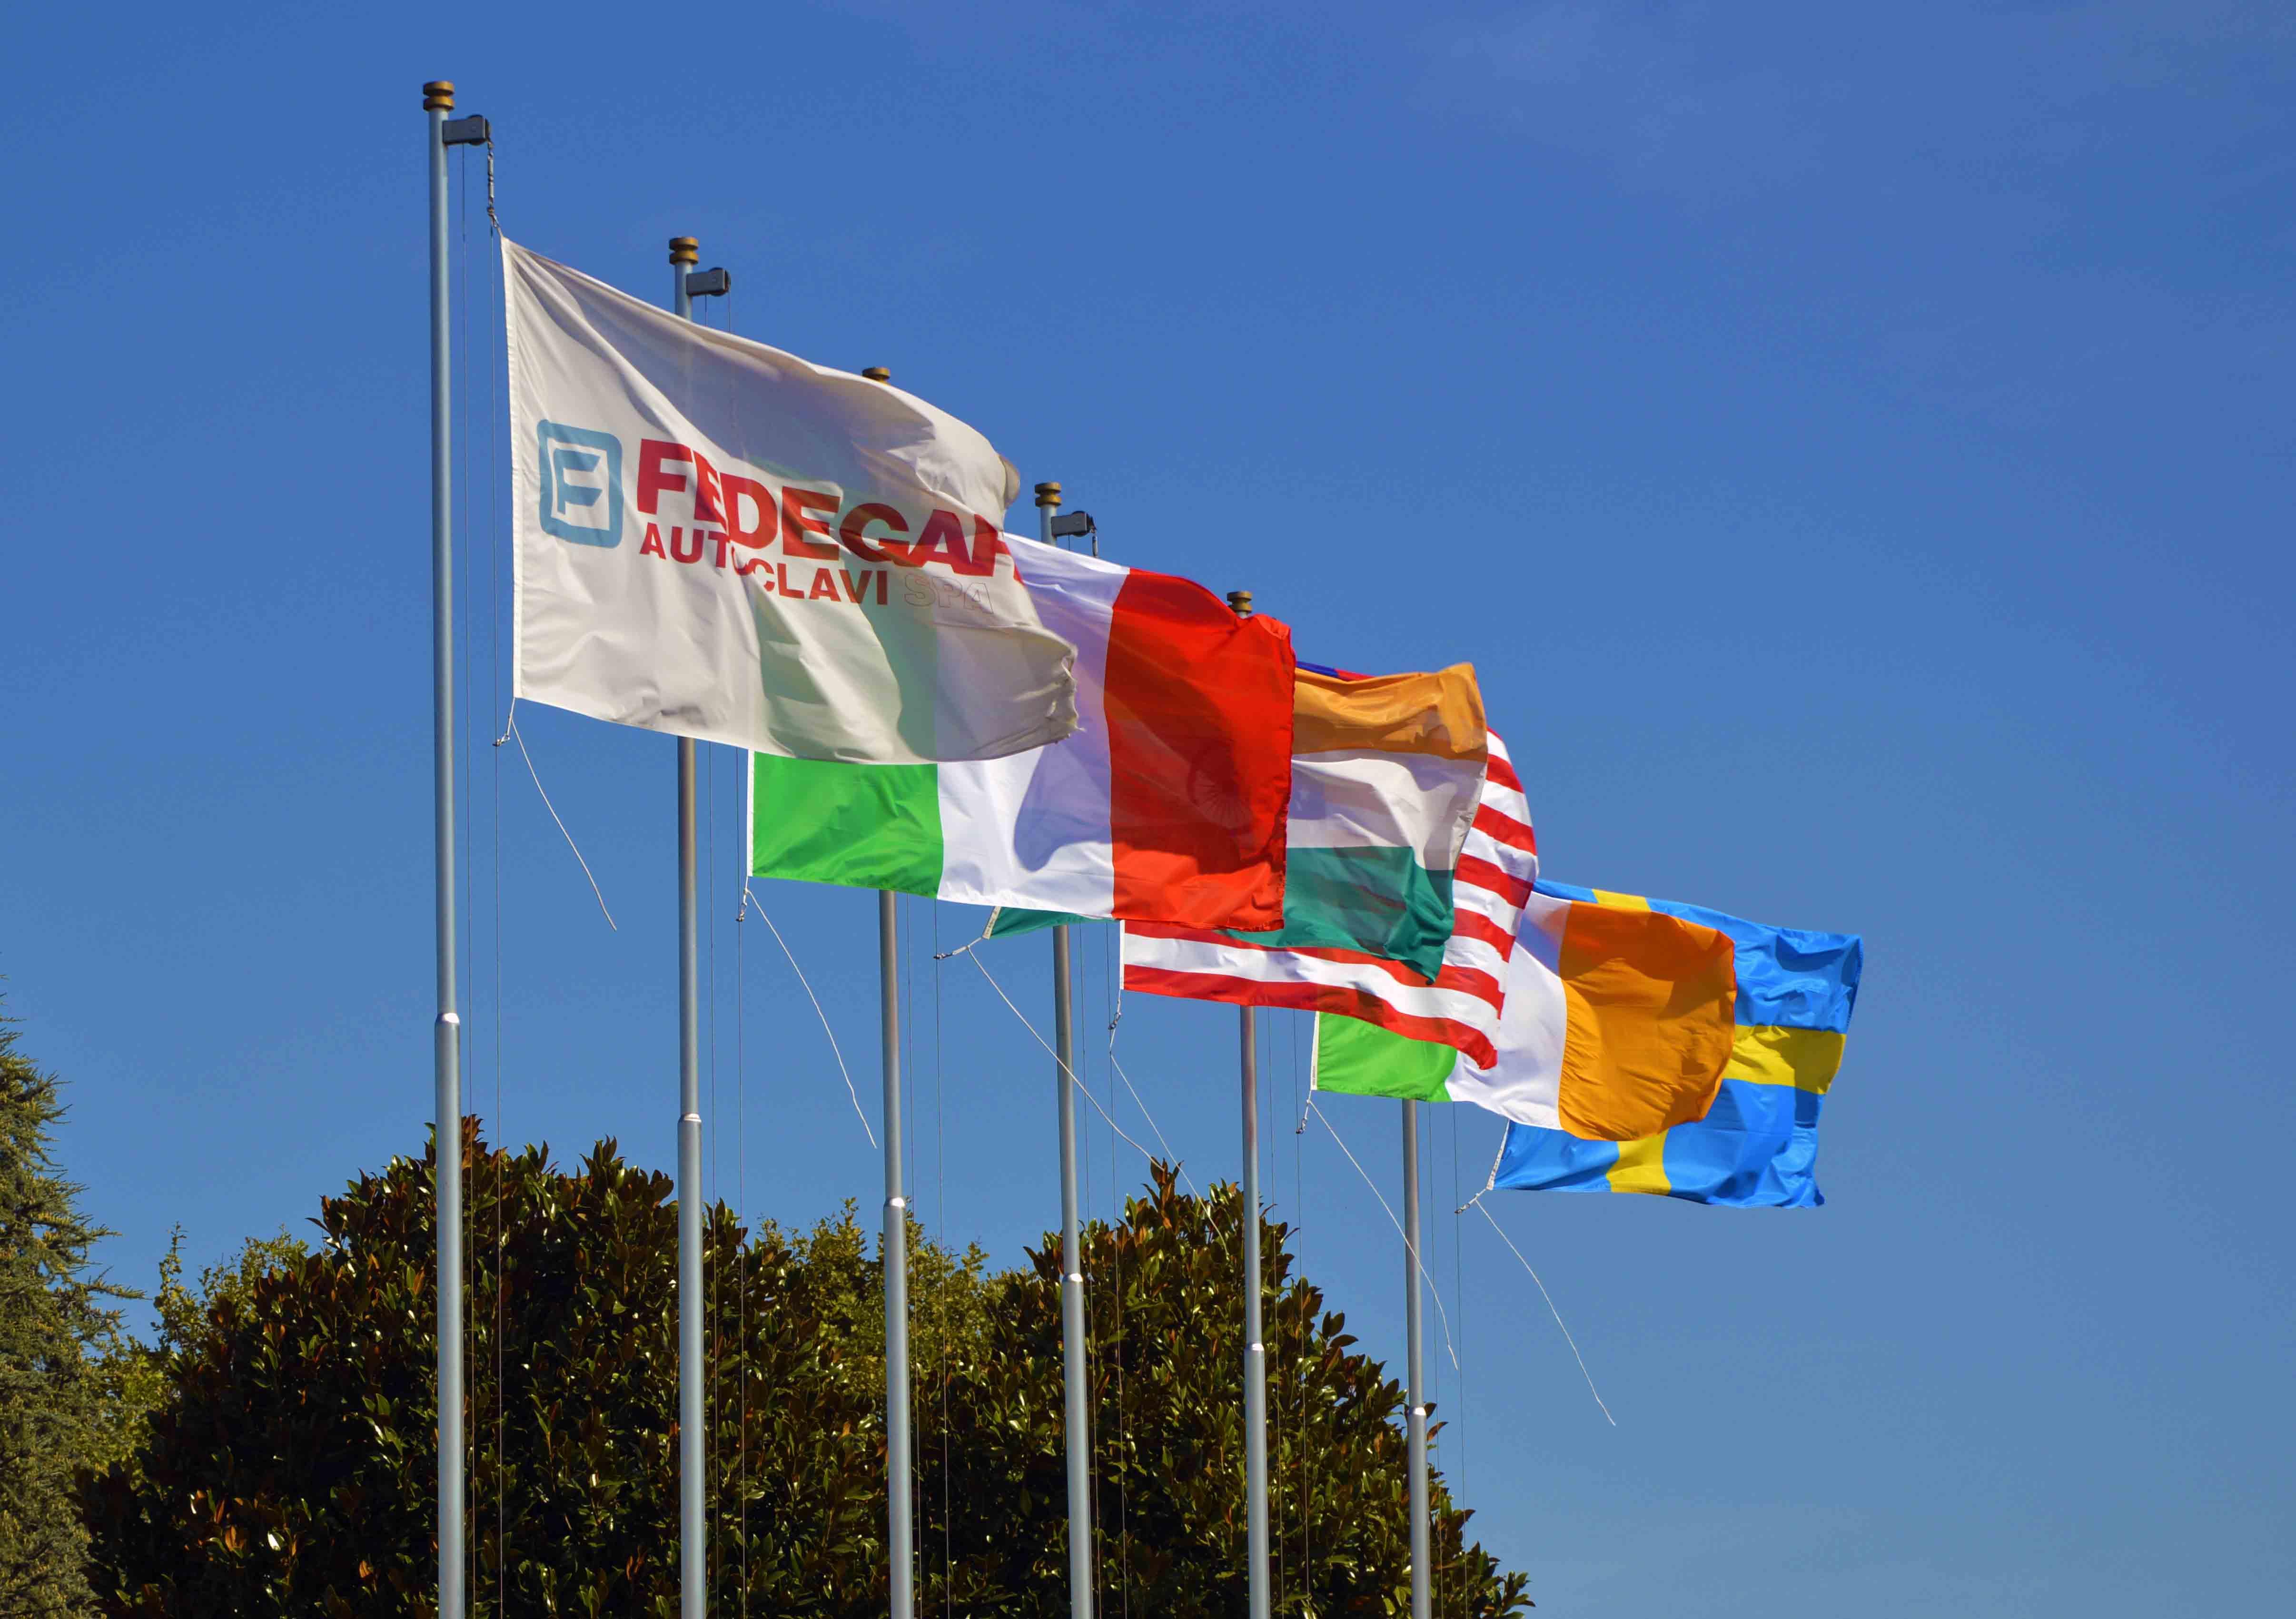 Ad Albuzzano, Fedegari ospita una media di 800 clienti provenienti da tutto il mondo